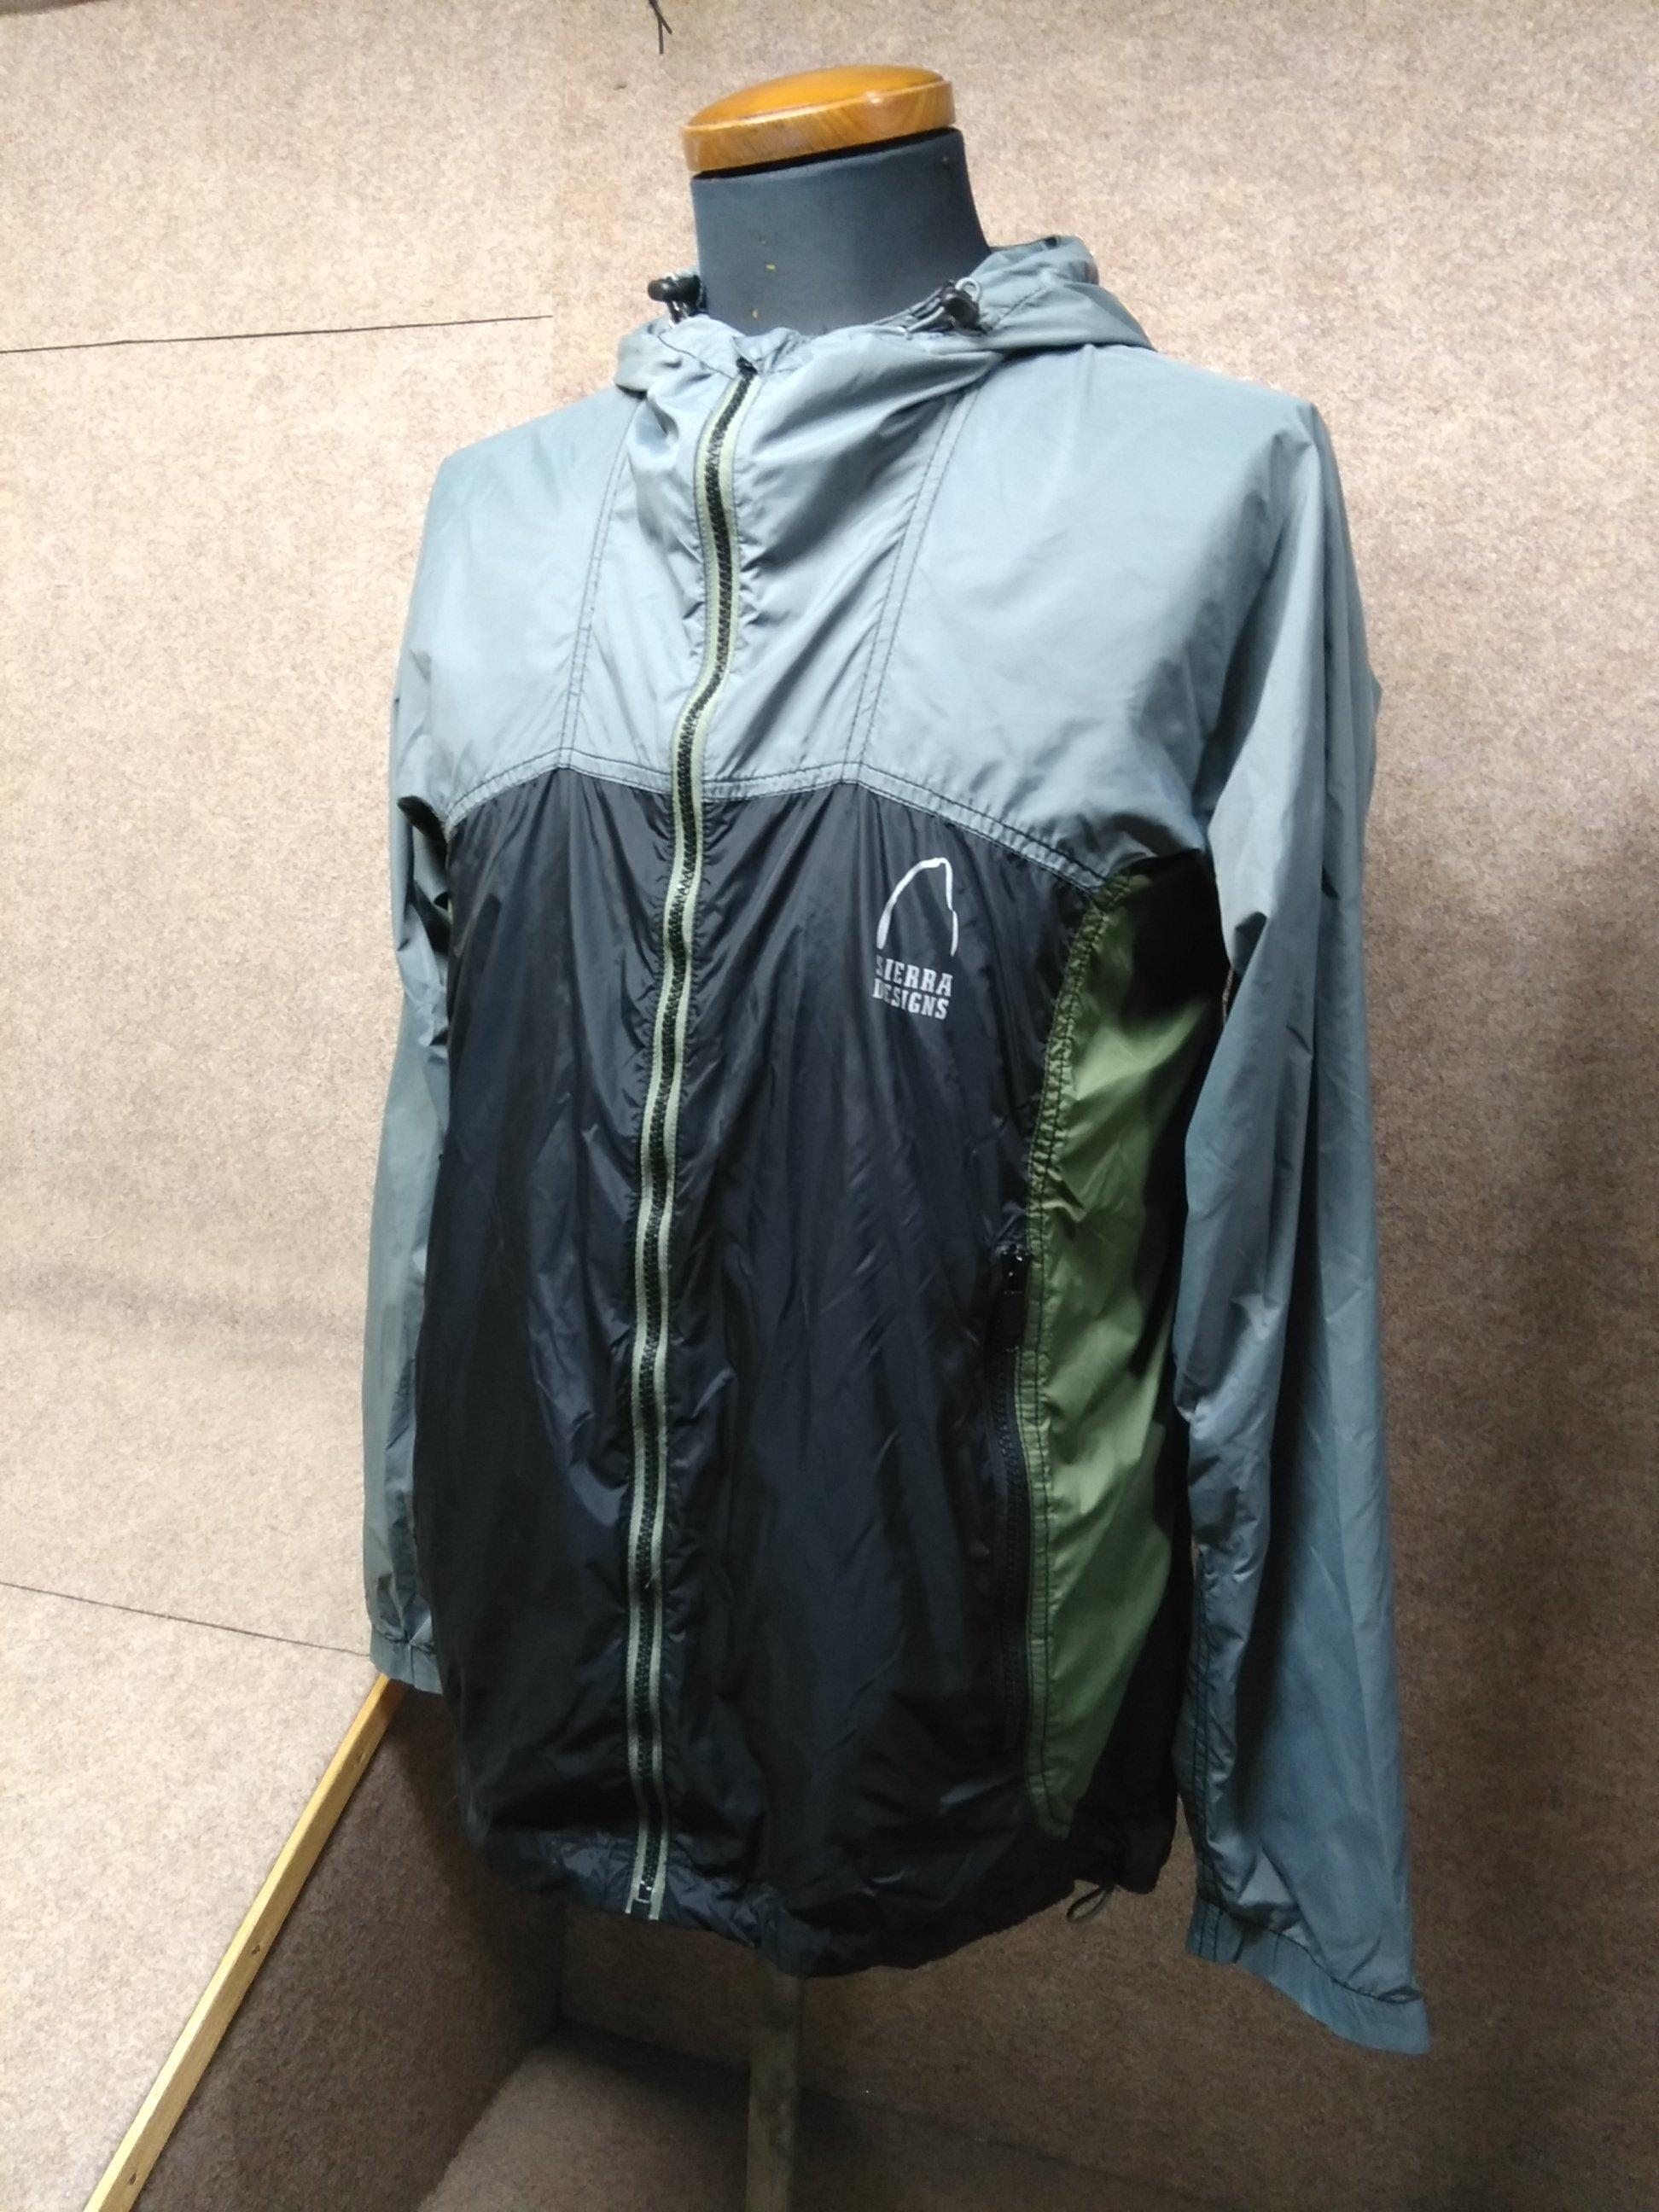 シェラデザイン メンズ ナイロンジャケット M グレー×黒系 y1263a